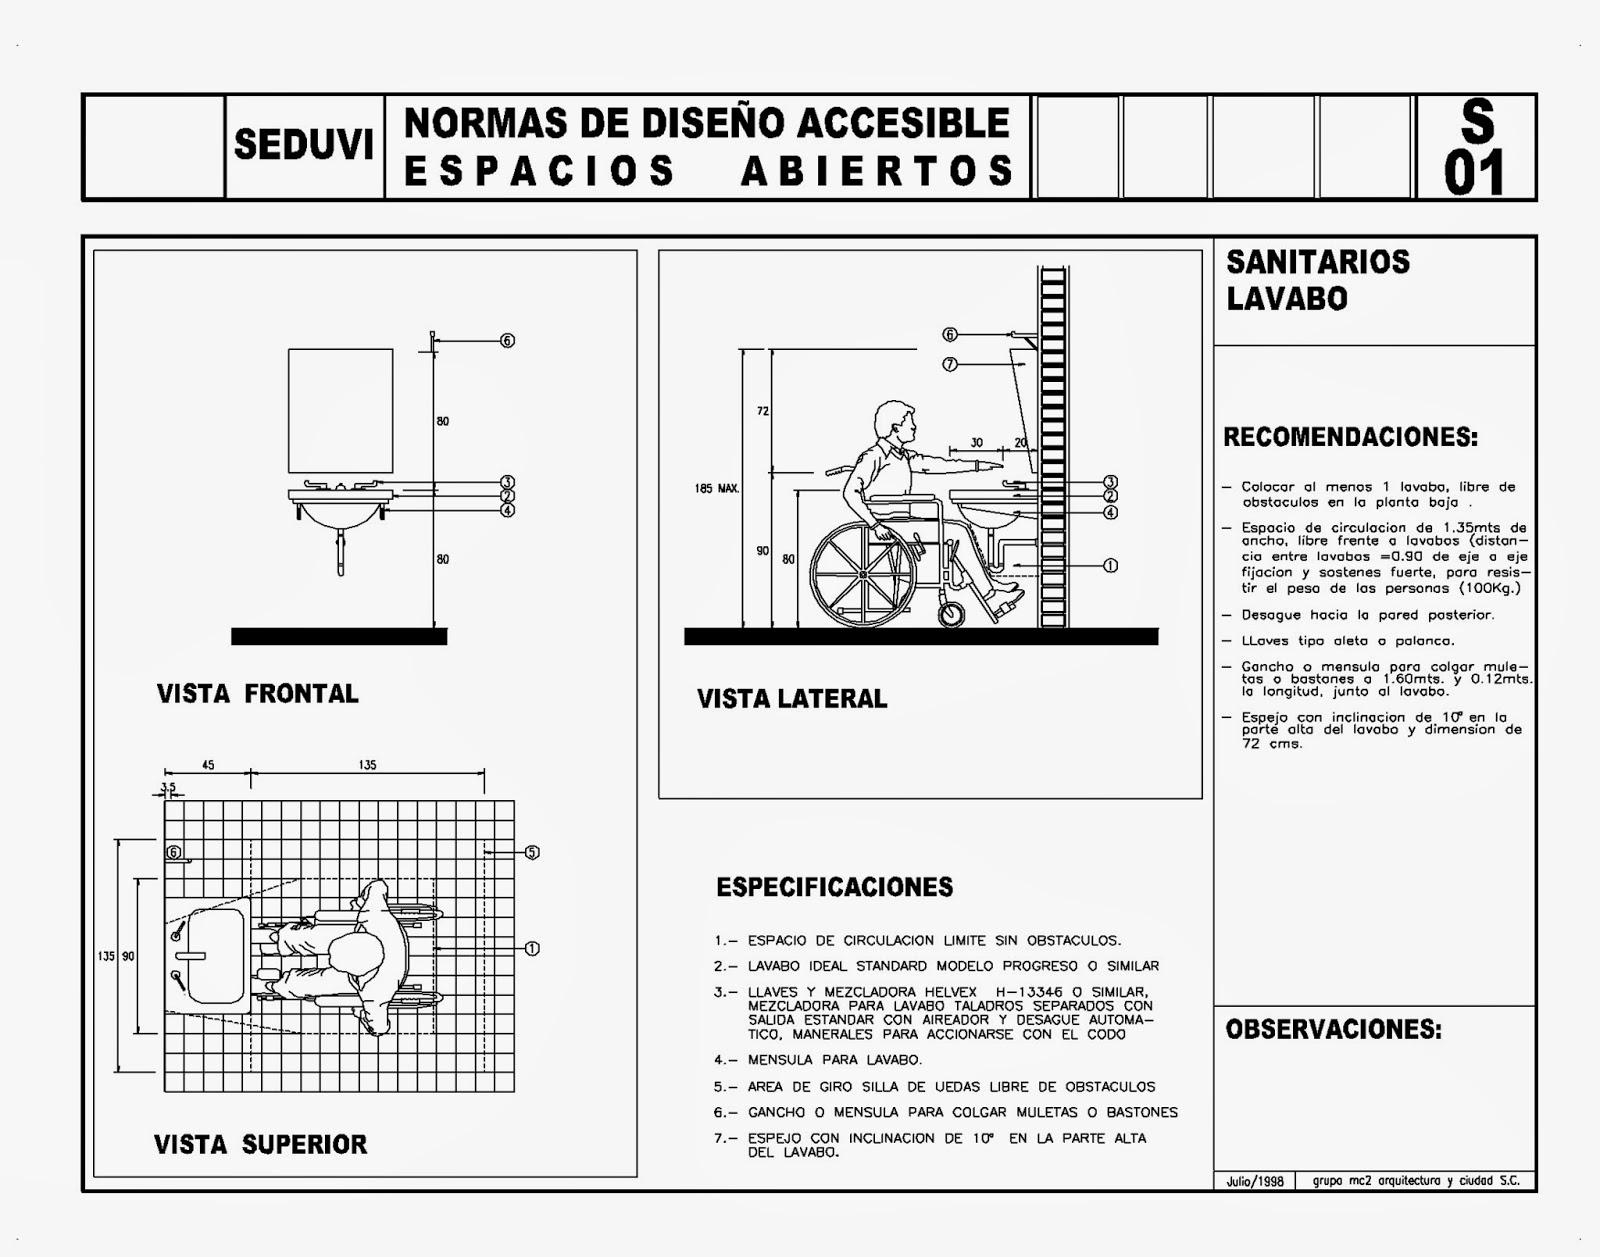 Diseno De Un Baño Publico:Todo para el Arqui: Normas diseño discapacitados (5) SEDUVI – Autocad